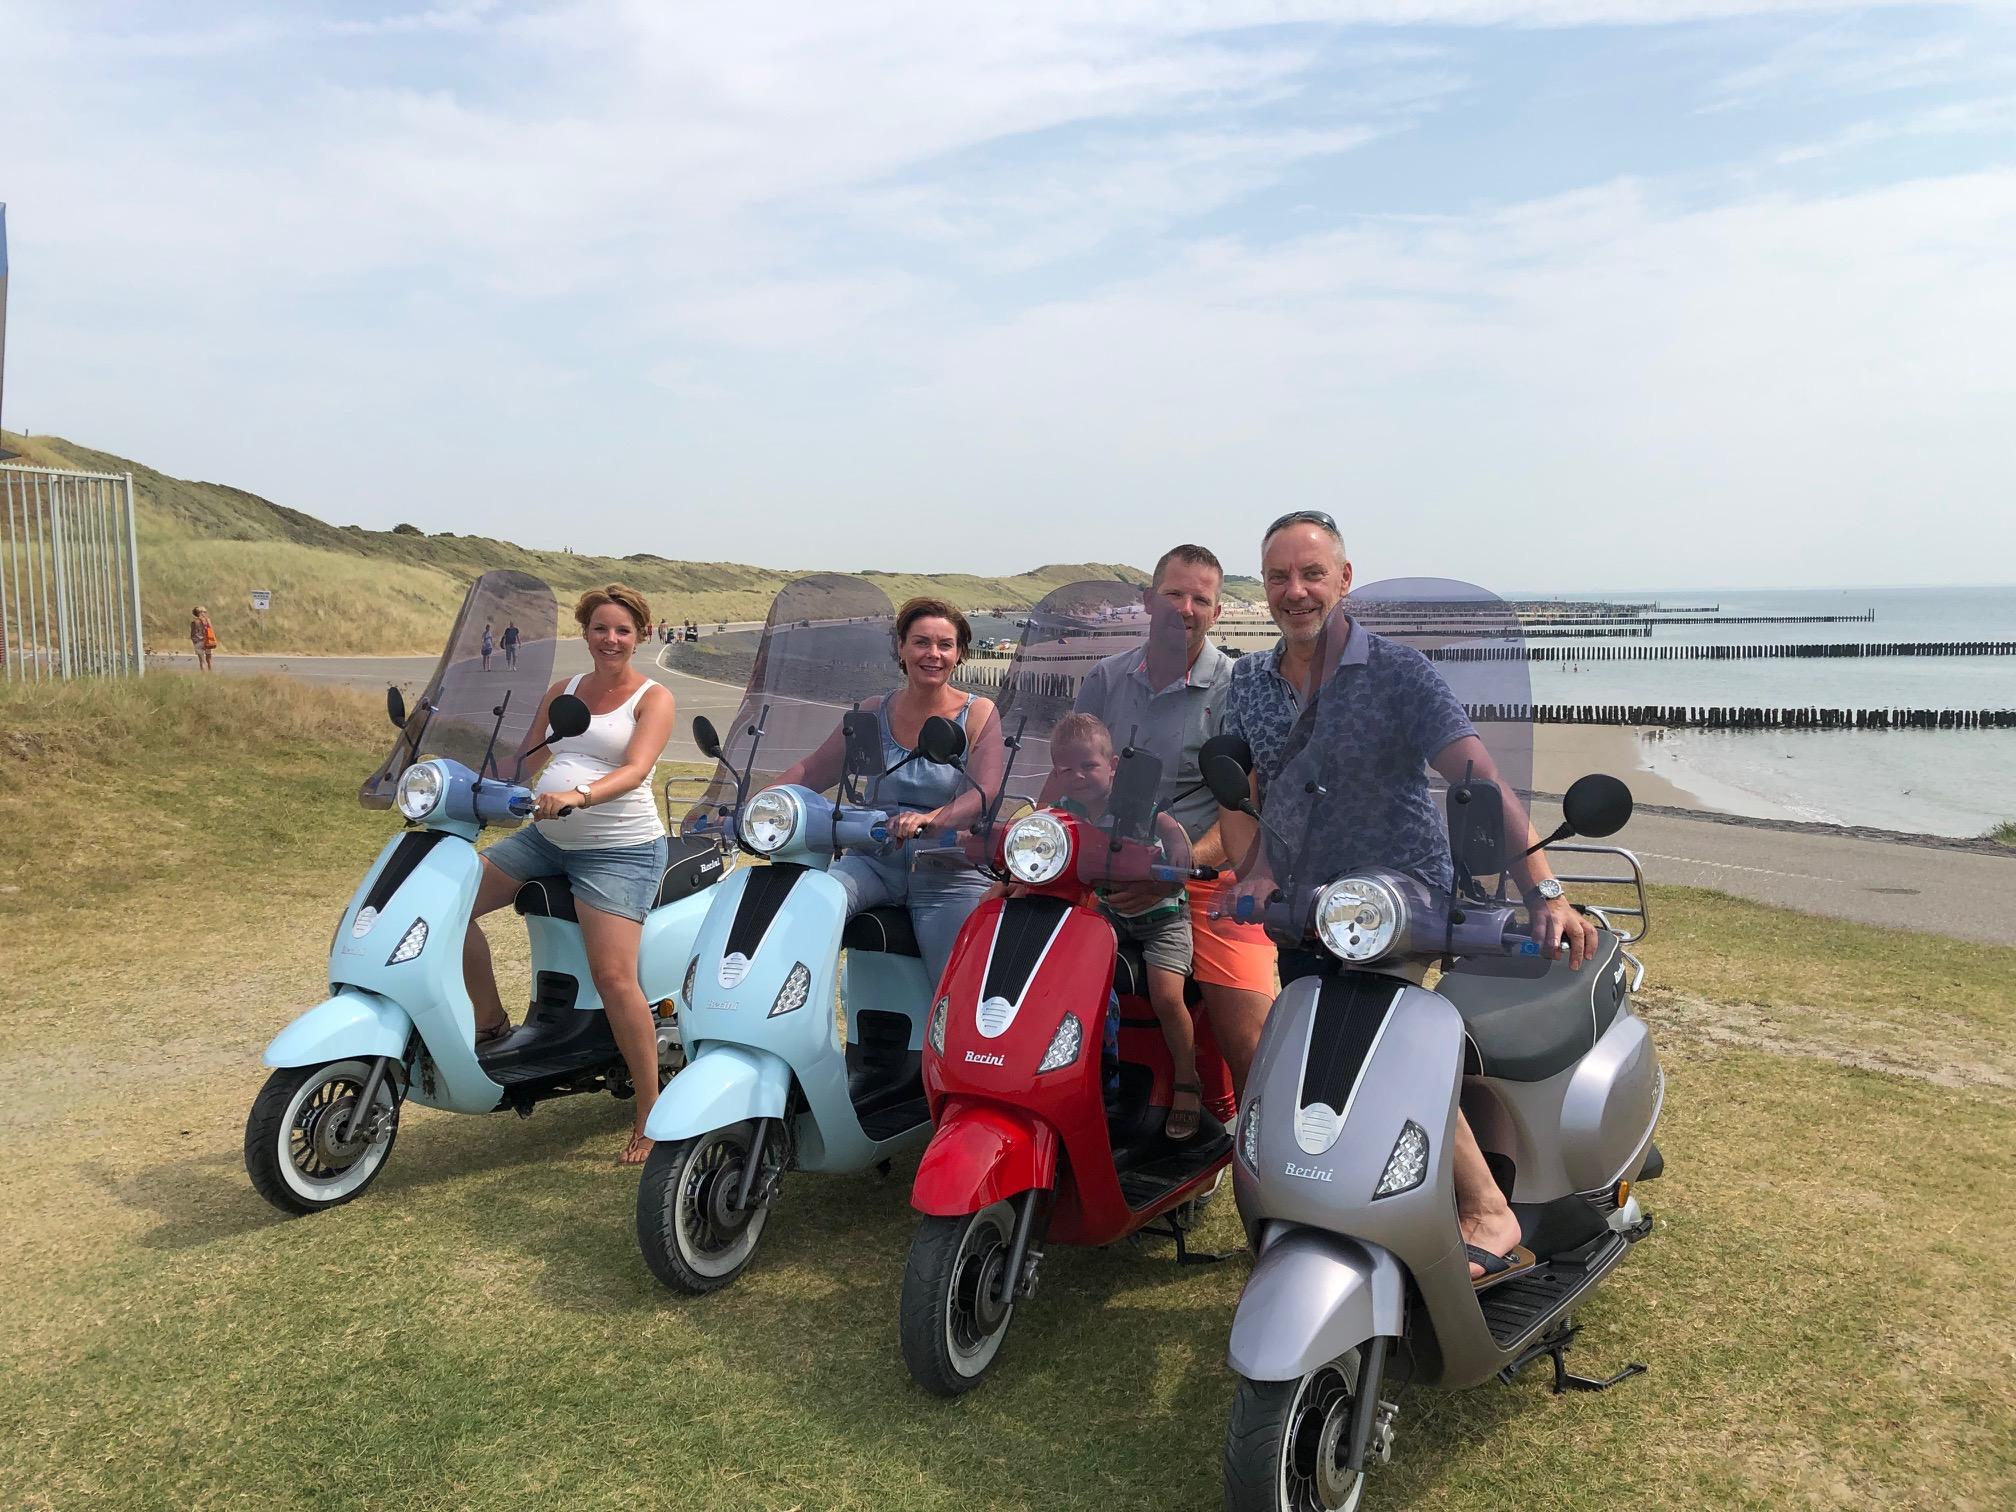 Verhuurscooters